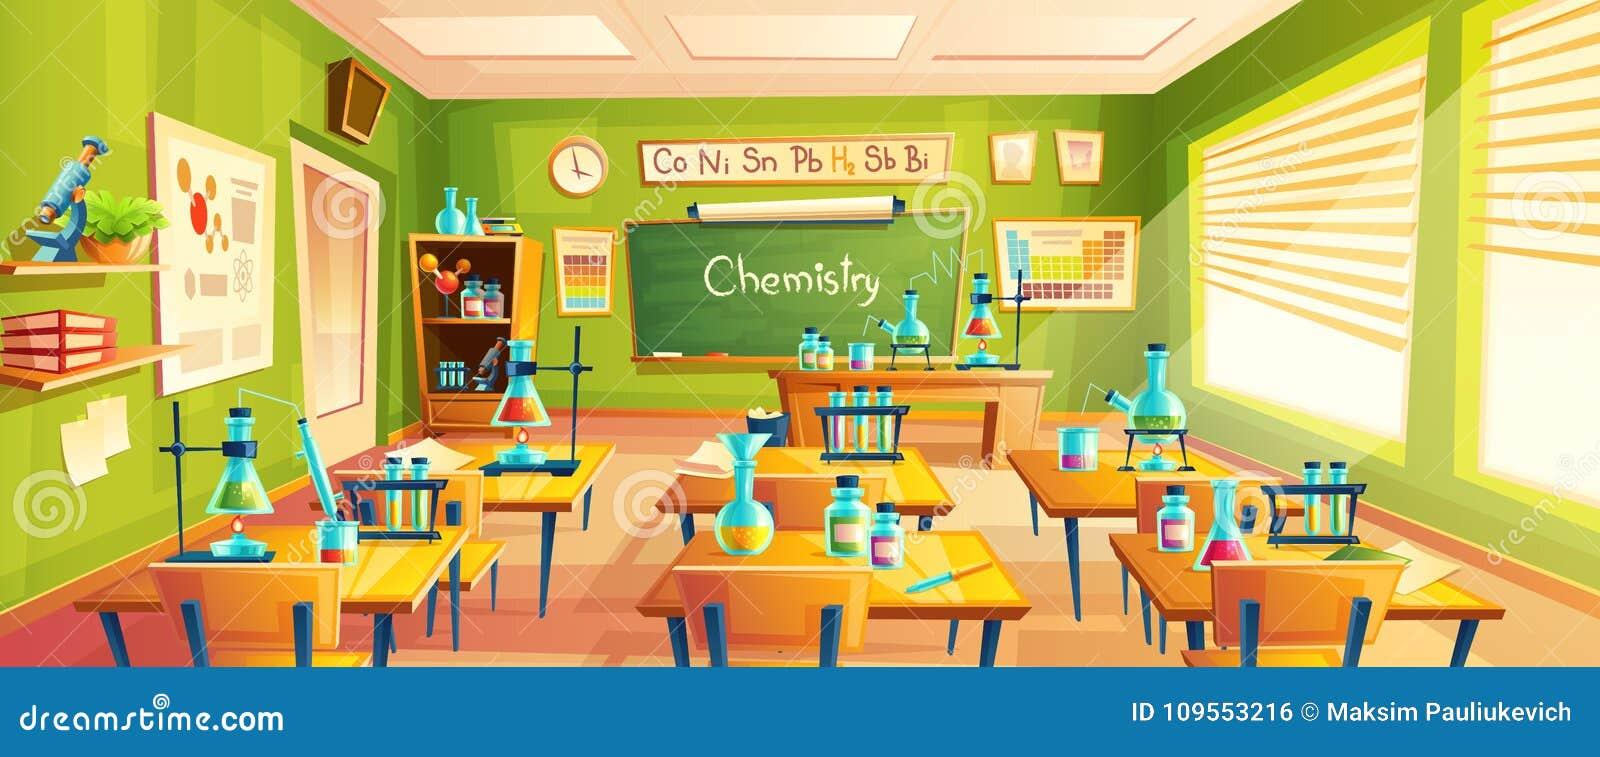 Illustration de bande dessin e de vecteur de salle de classe d 39 cole illustration de vecteur - Dessin classe ...